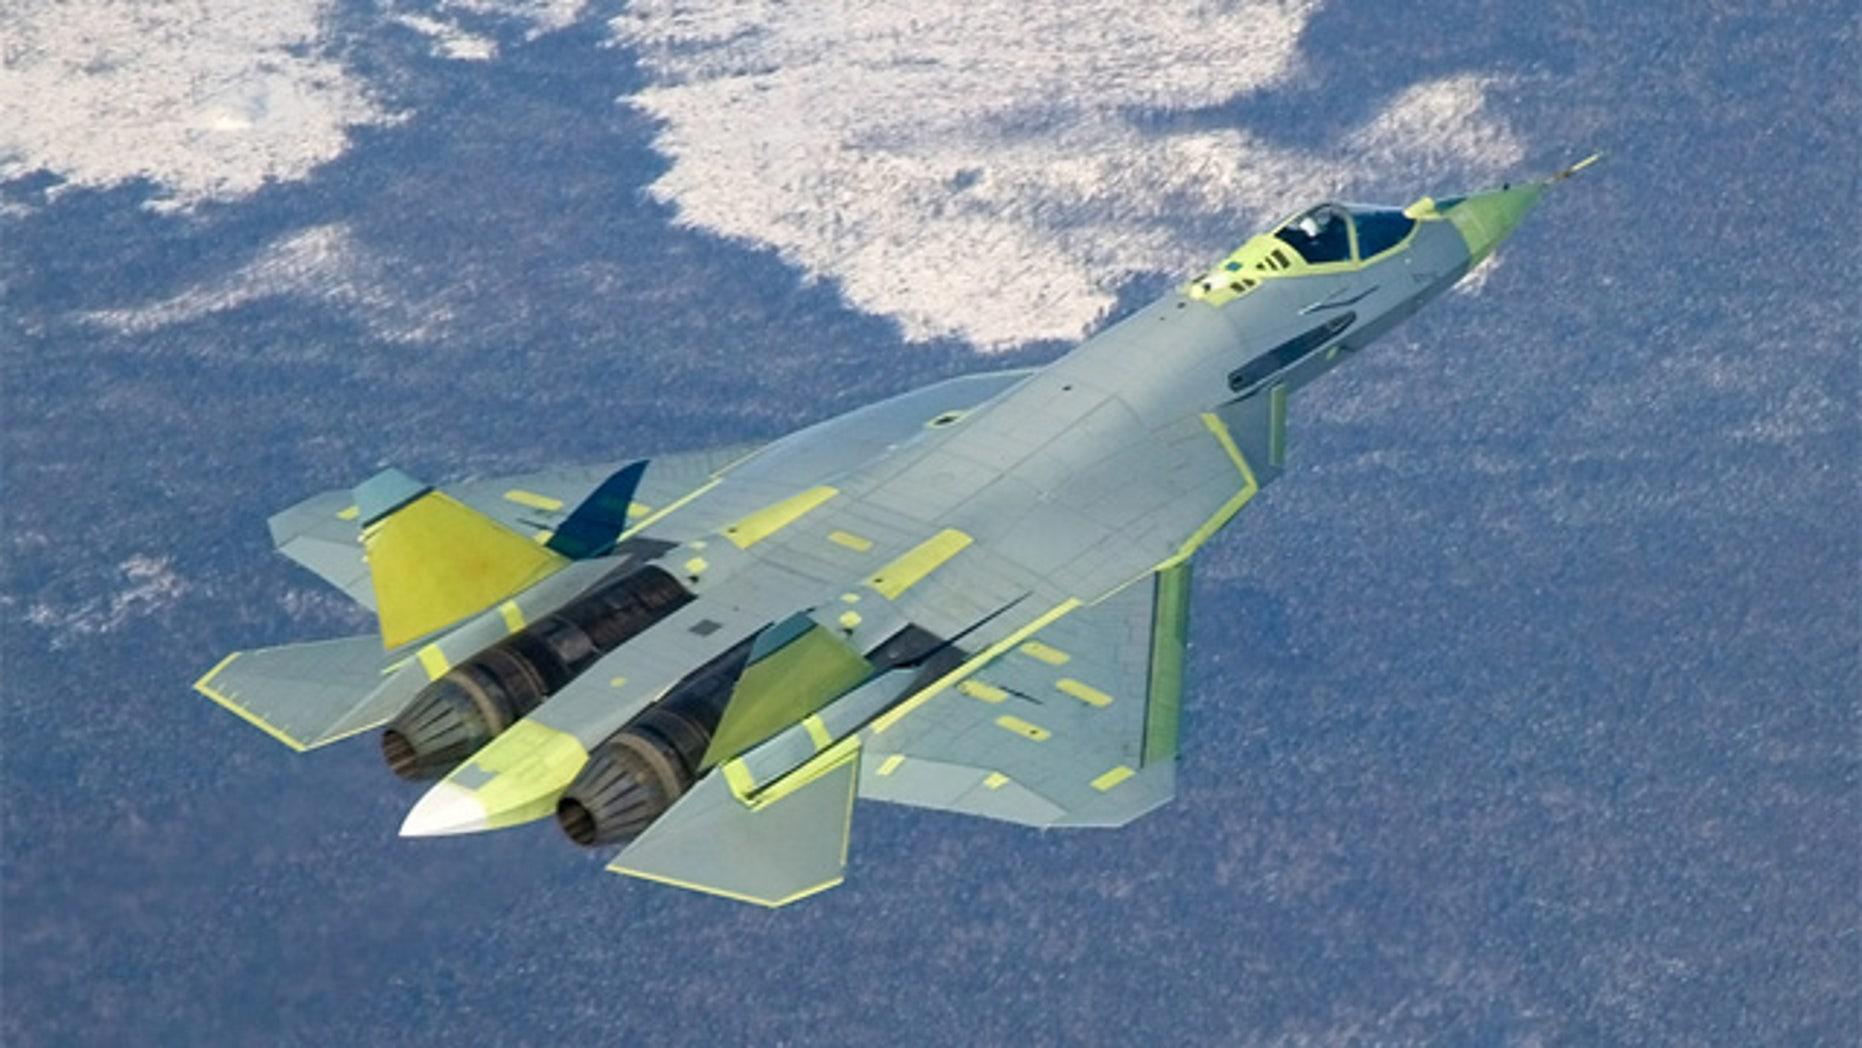 PAK FA T-50 prototype on its maiden flight, January 29, 2010.